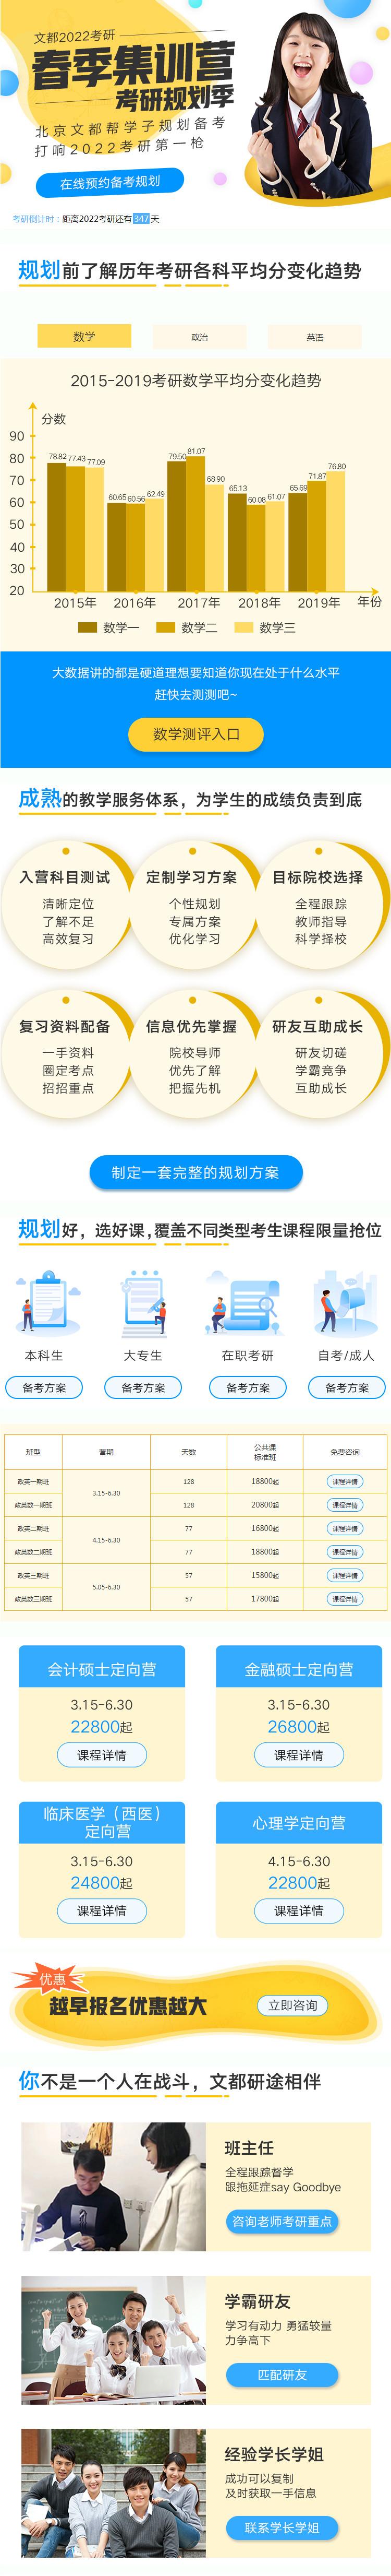 2022文都考研春季集训营-考研规划积极